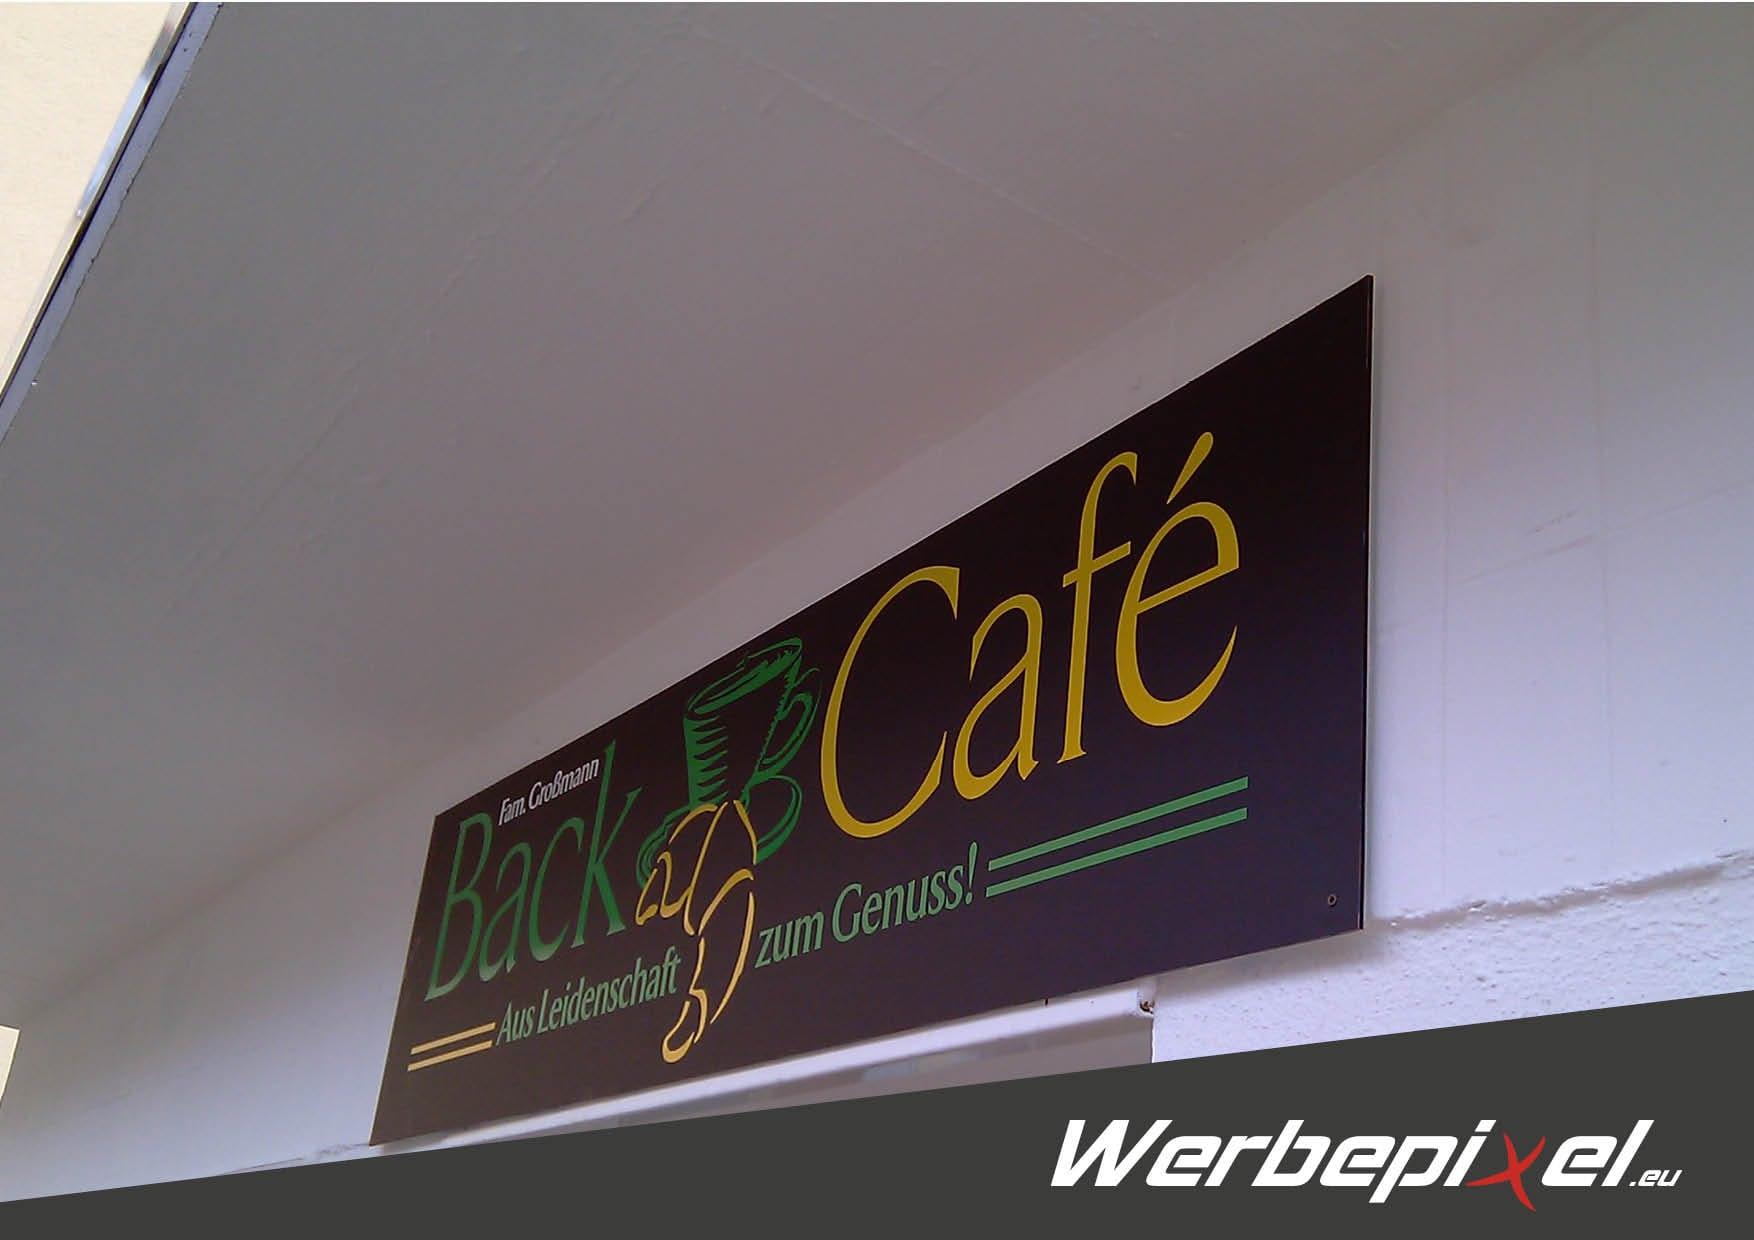 Schilderanlage BackCafe